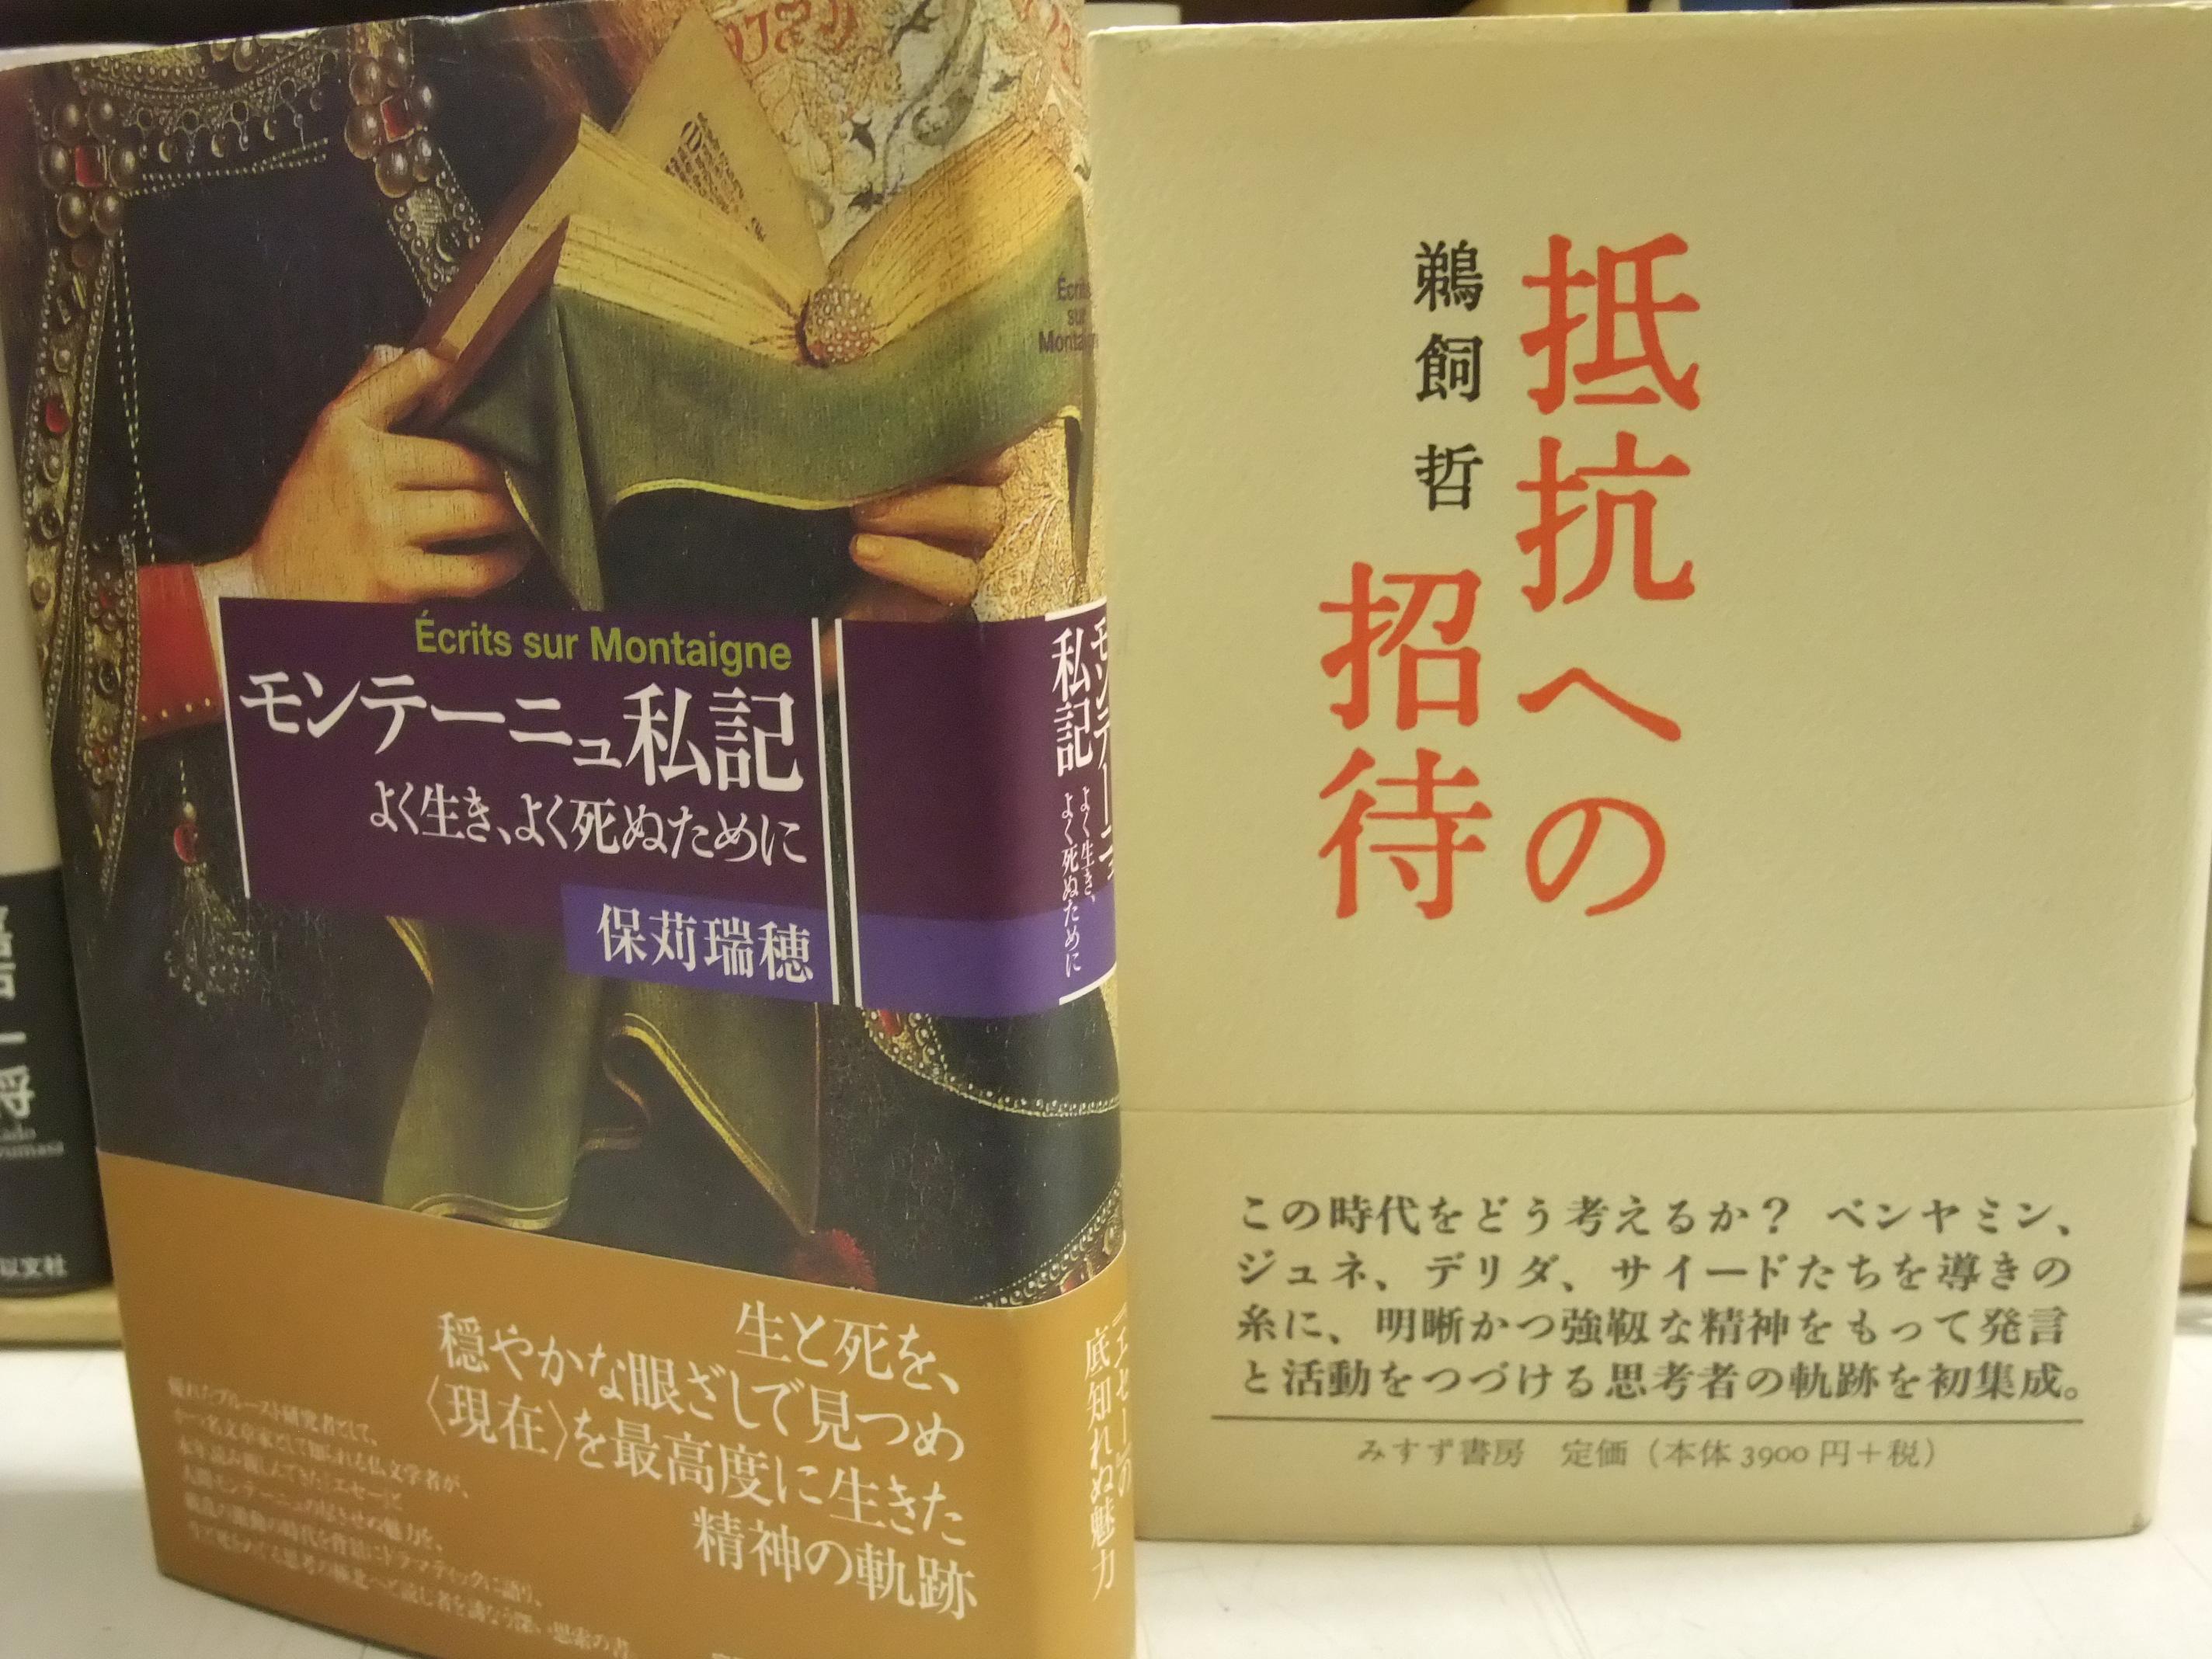 静岡県富士宮市 出張買取 哲学・思想「ナショナリズムと民主主義 モンテーニュ私記」など買取